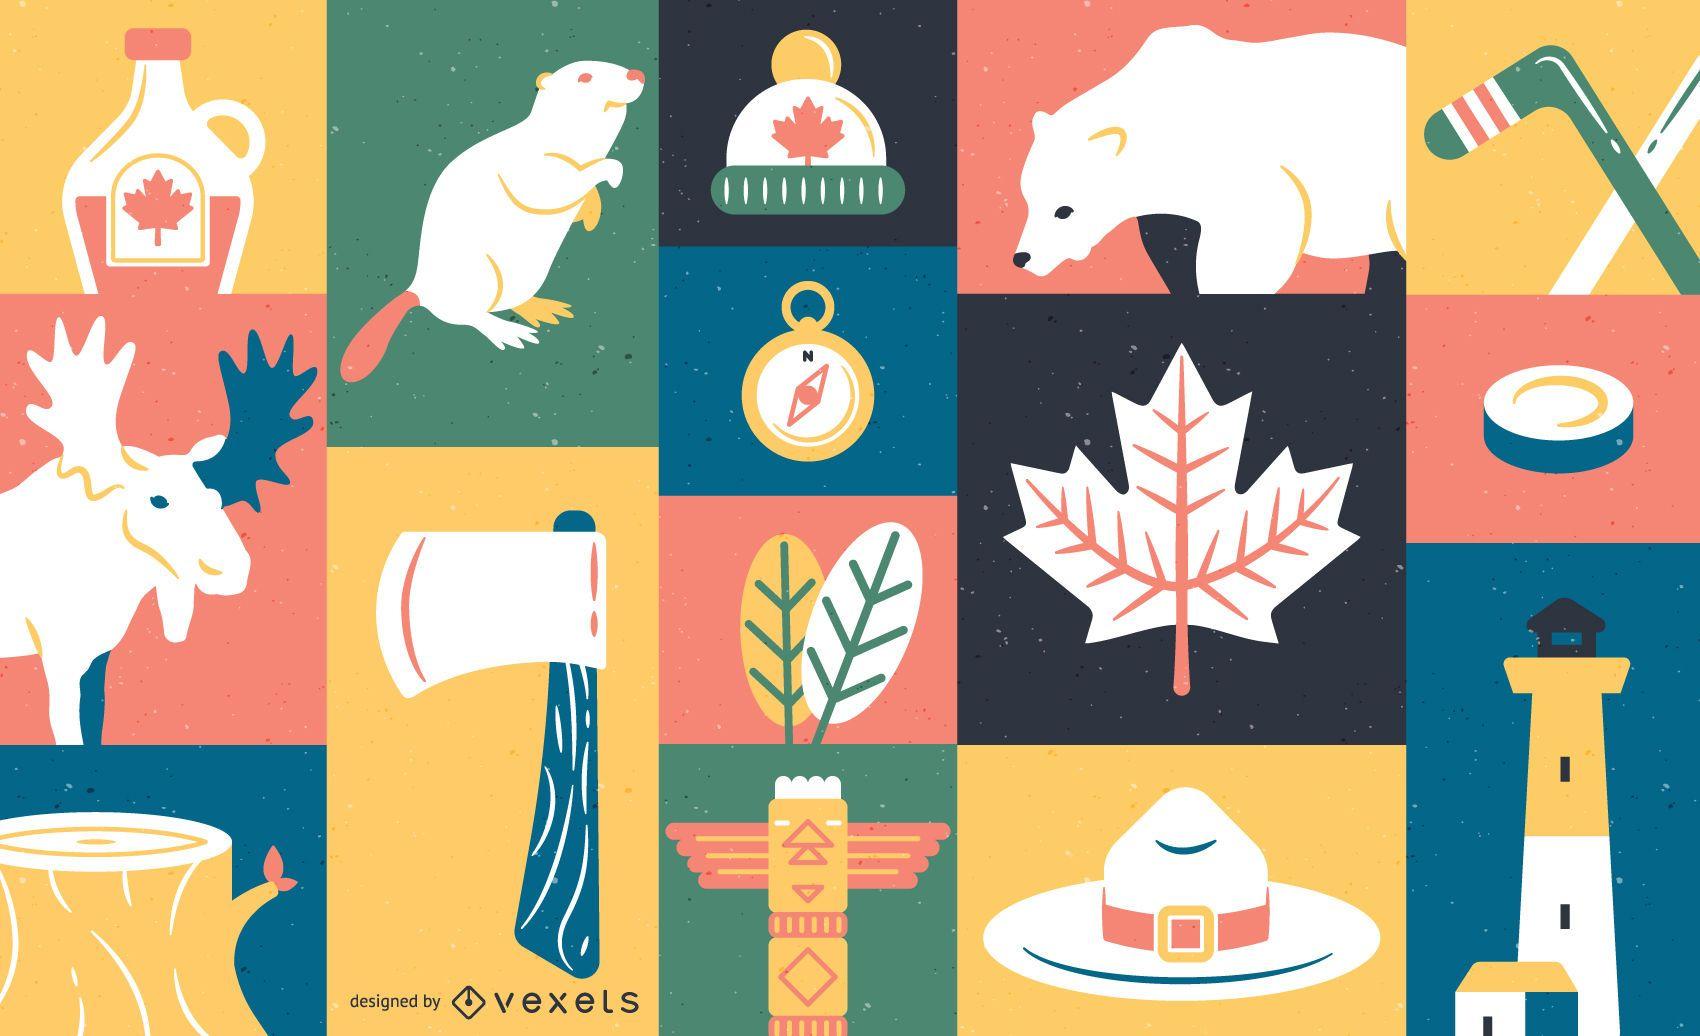 Plantilla de diseño de la bandera de Canadá - Descargar vector